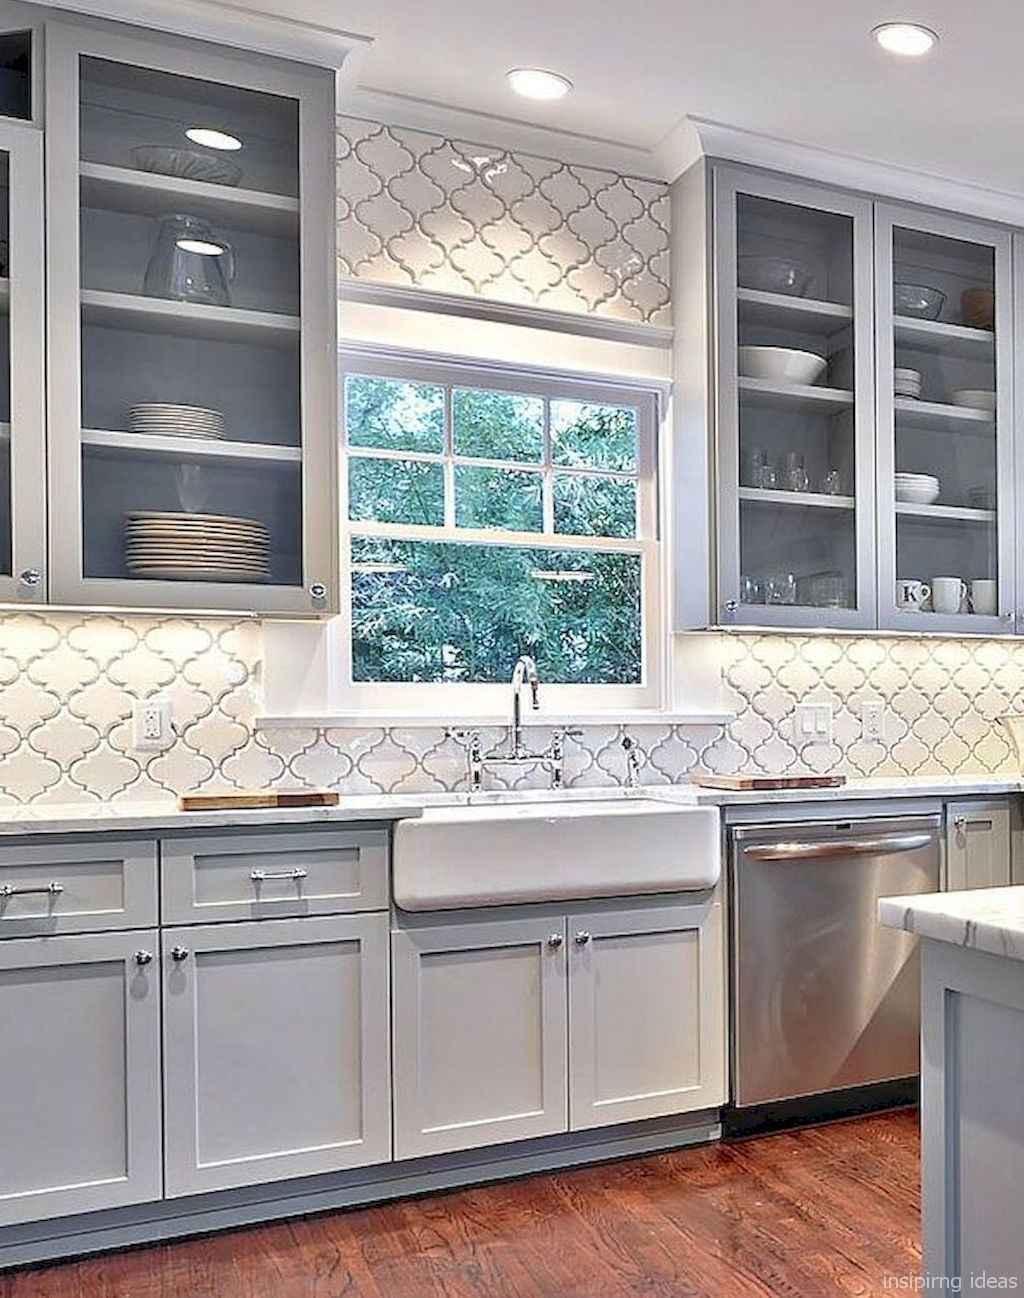 - Modern Farmhouse Kitchen Backsplash Design Ideas 19 - Lovelyving